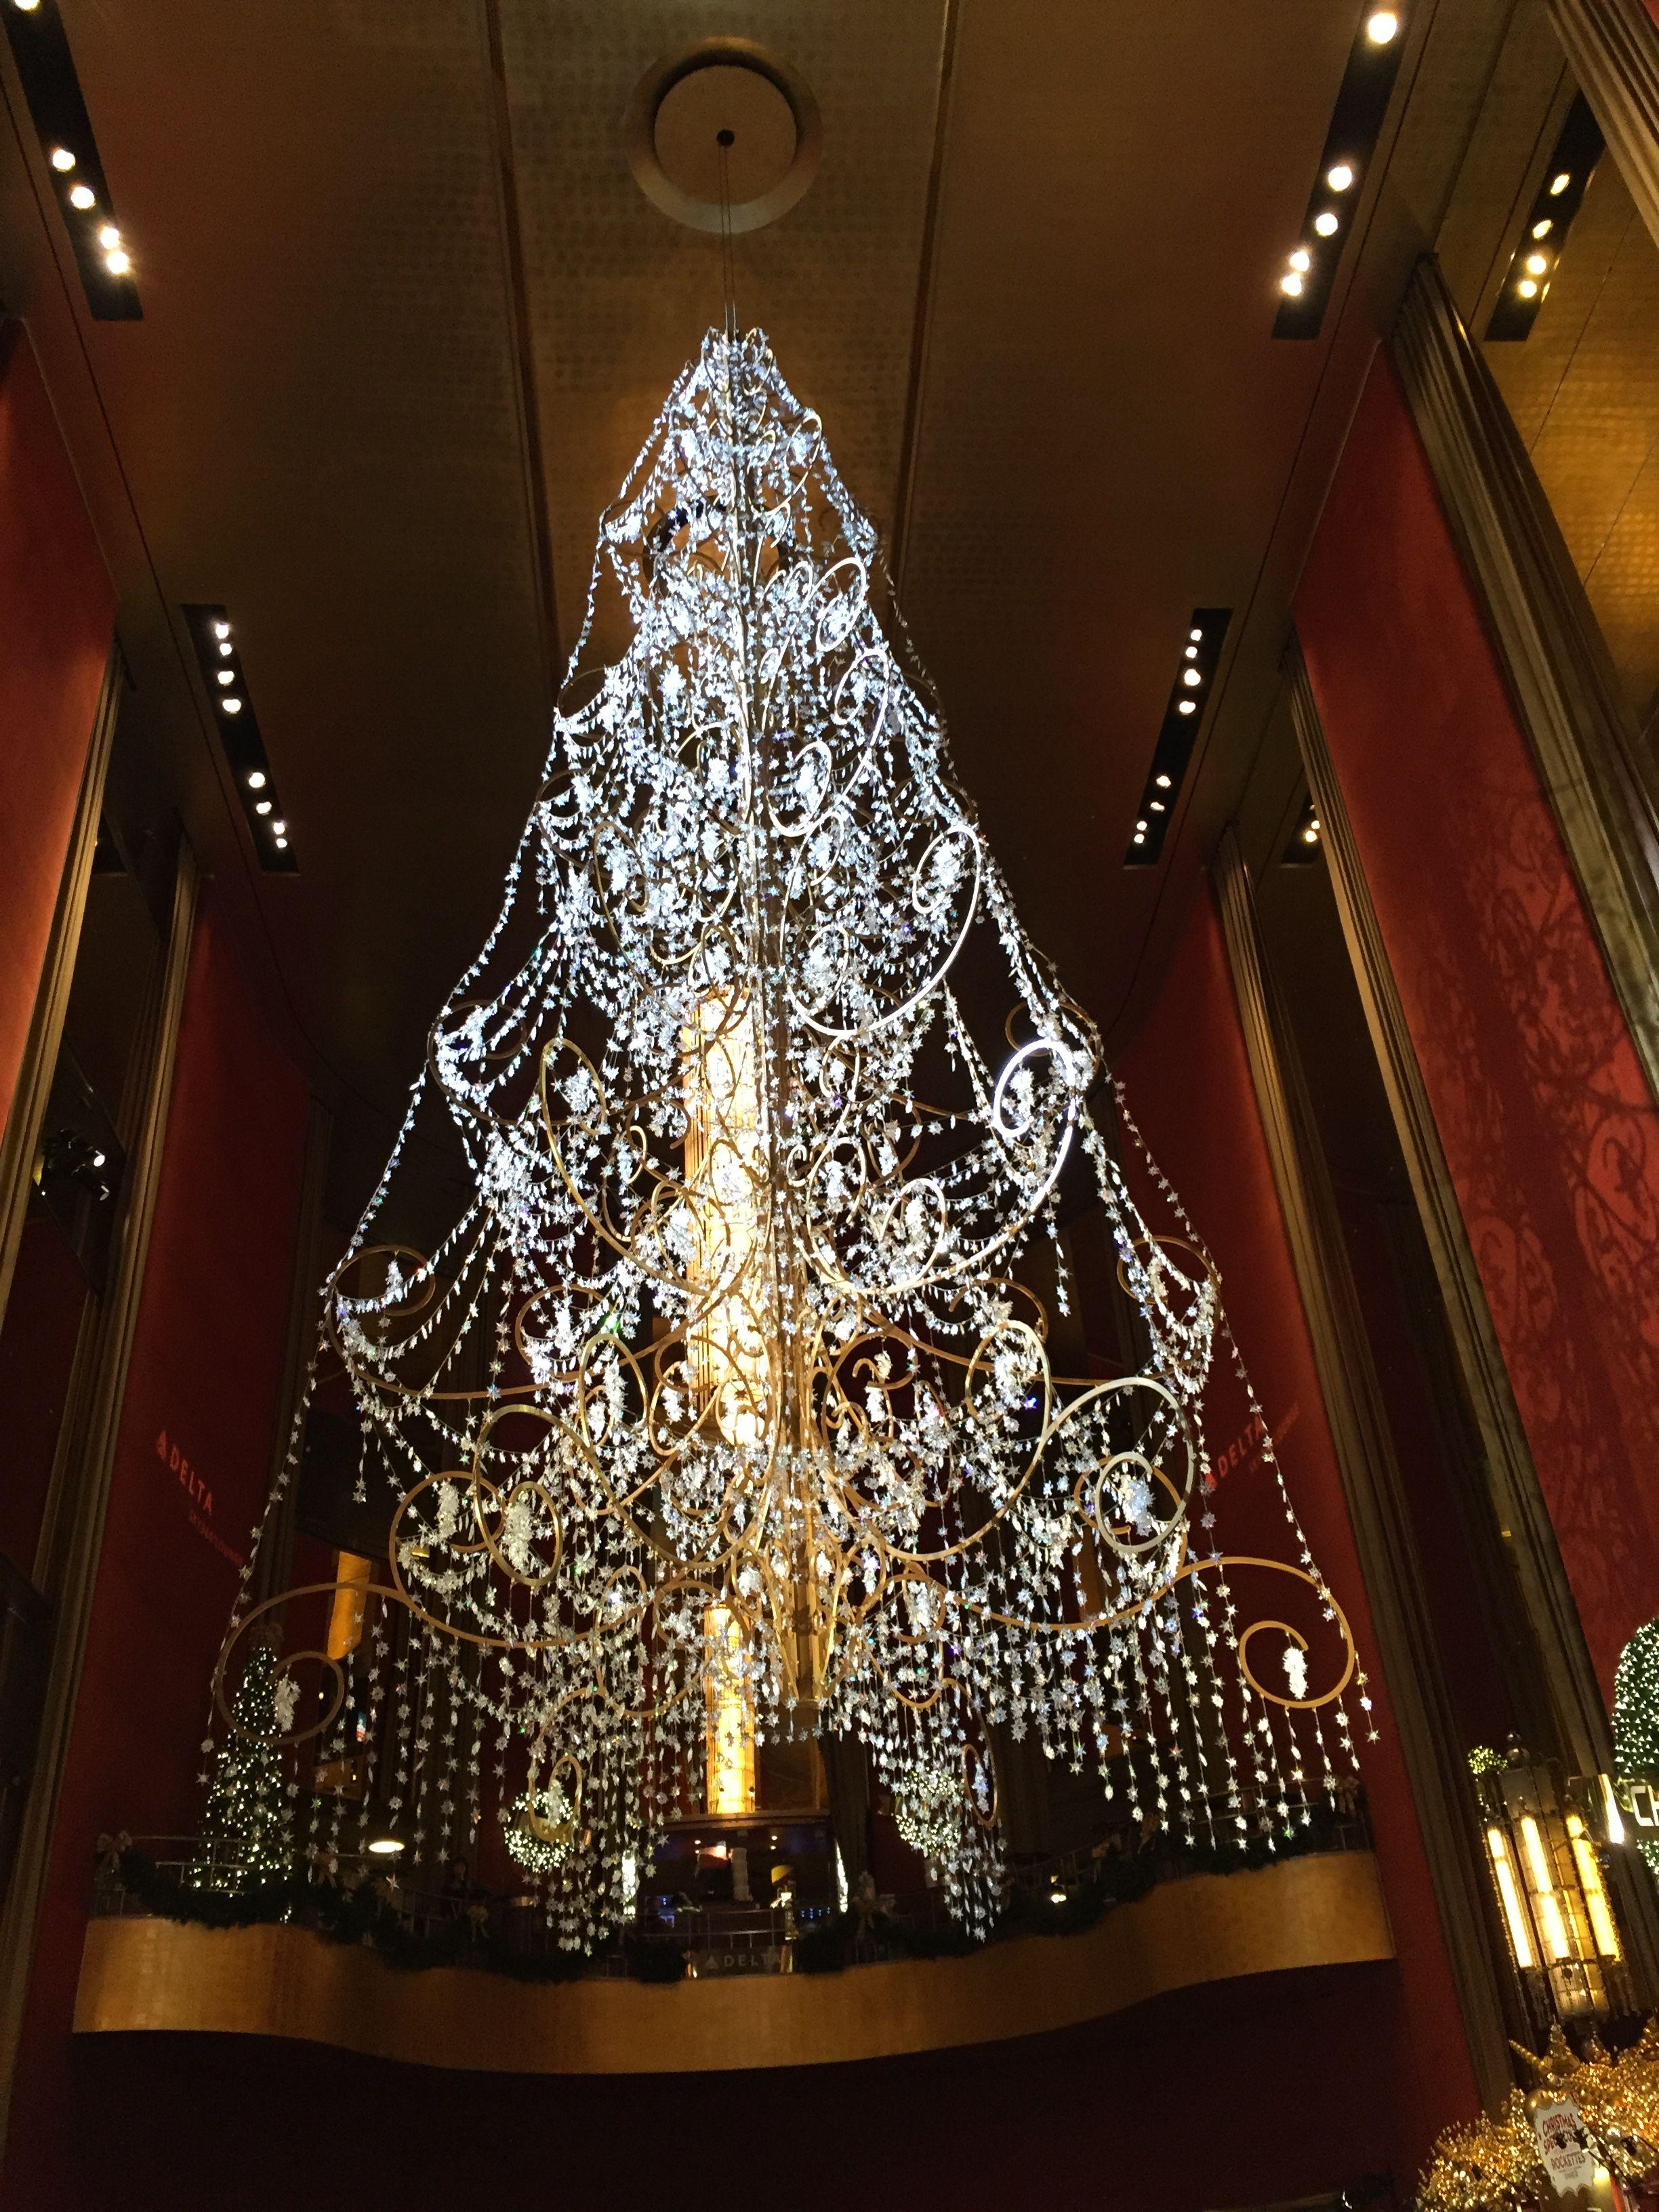 The Christmas Tree at Radio City Music Hall Christmas